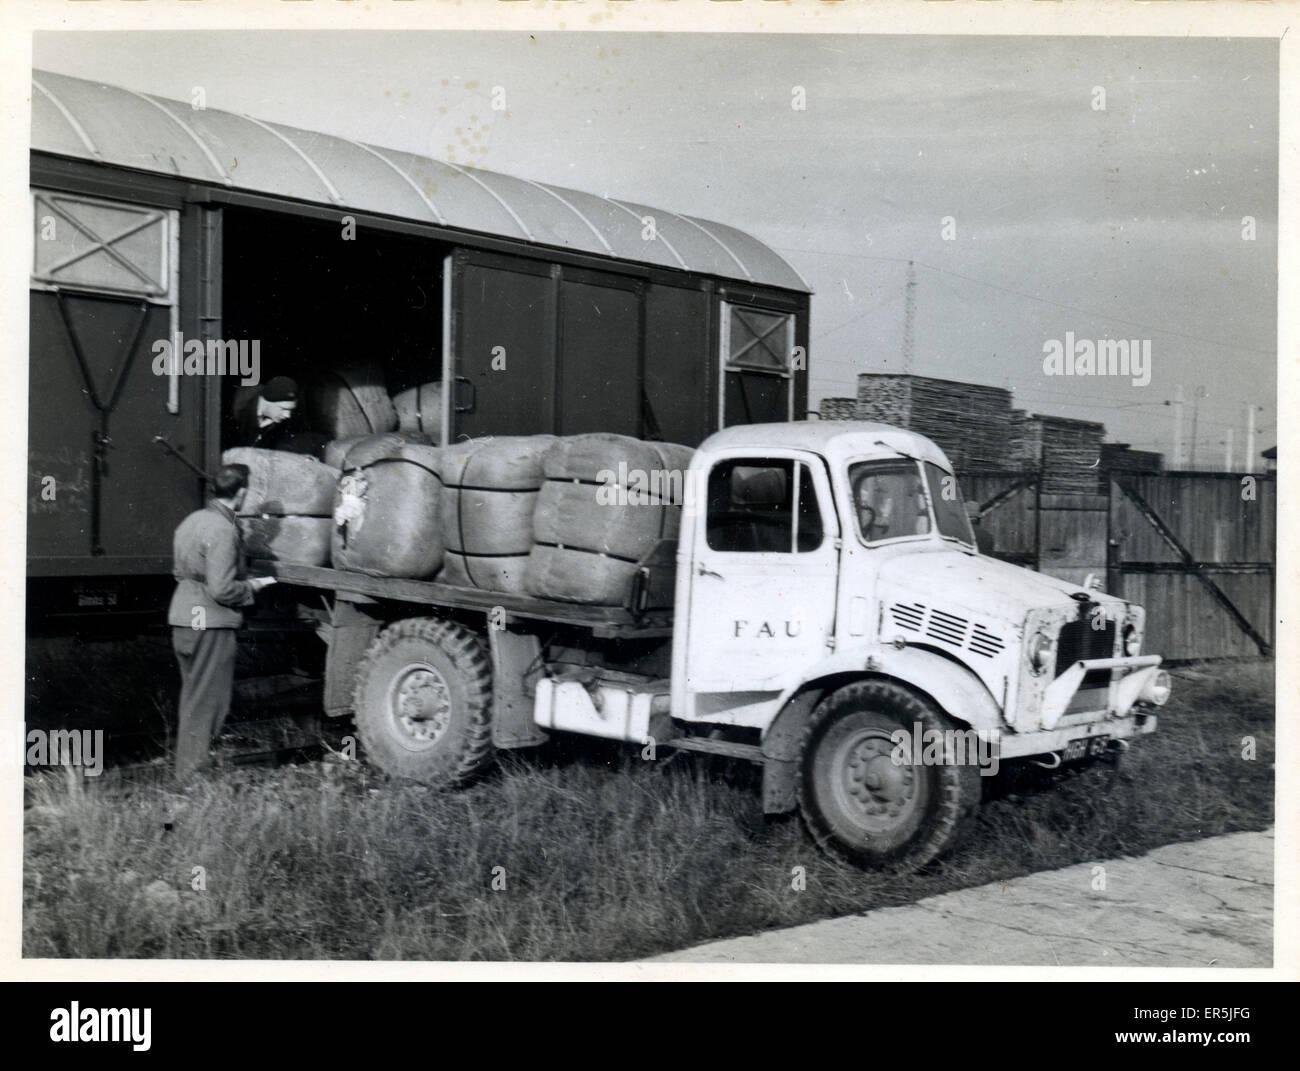 Friends' Ambulance Unit (FAU) Vintage Lorry, Austria.  1940s - Stock Image